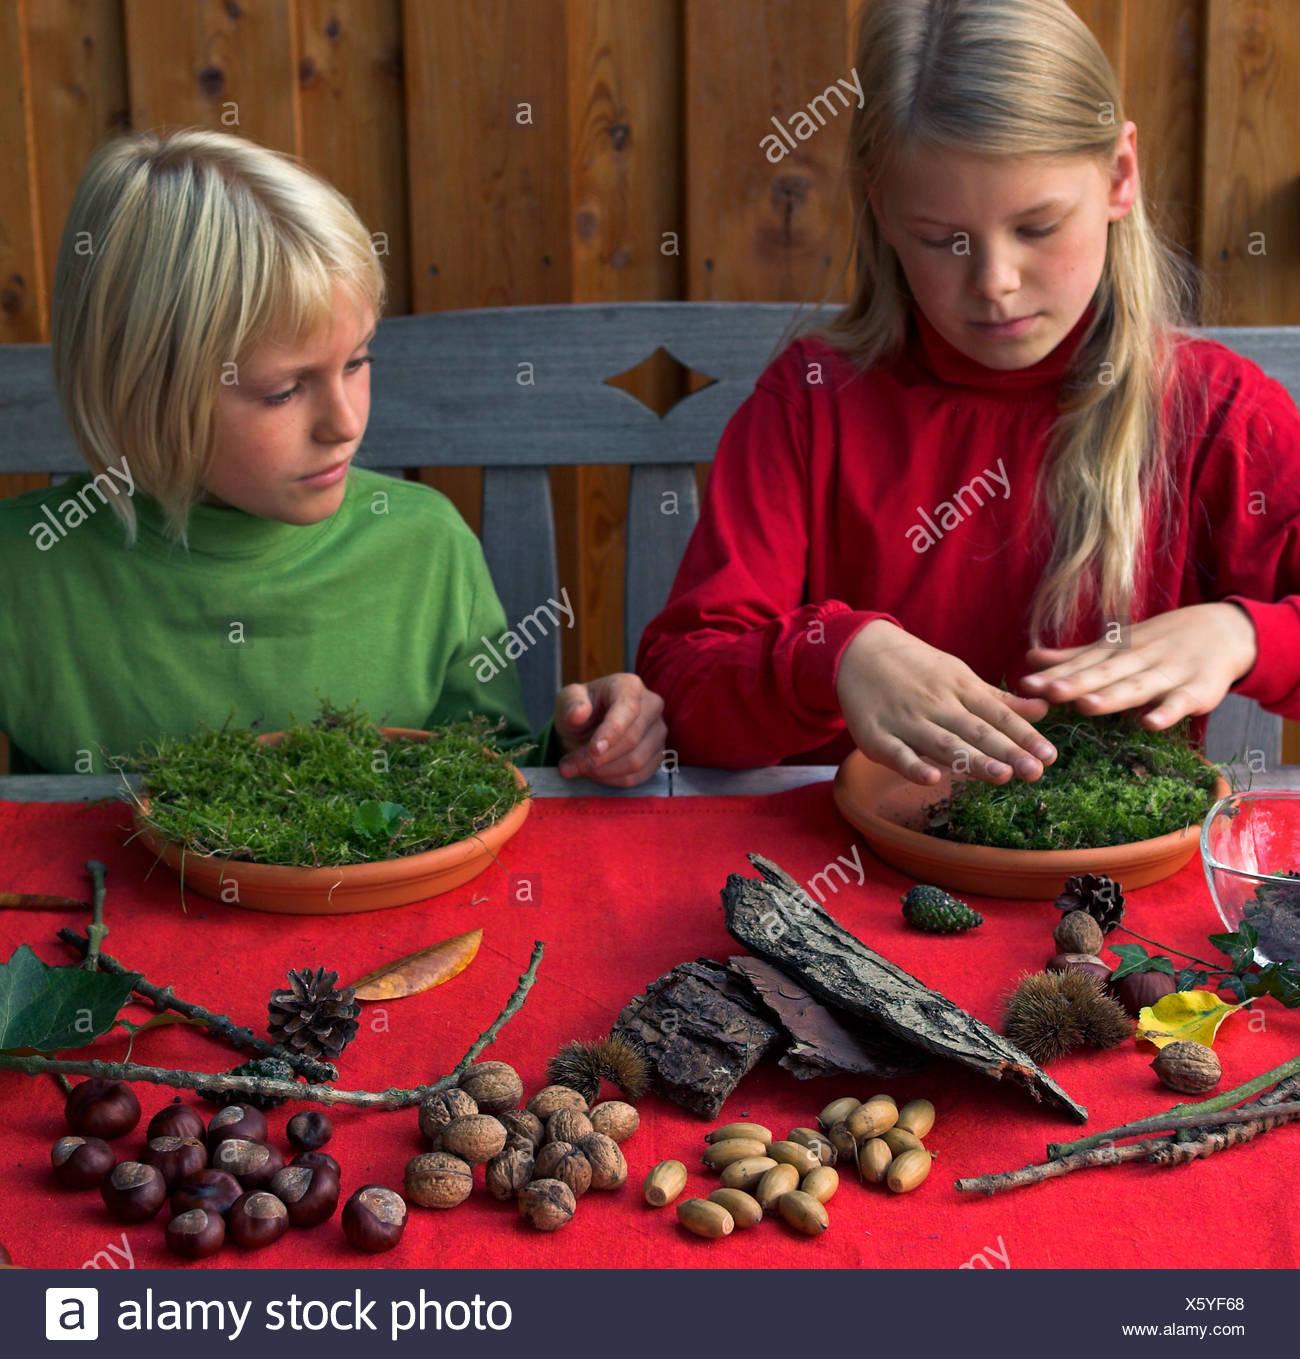 Zwei Kinder Basteln Einen Zwerg Garten Mit Naturmaterialien